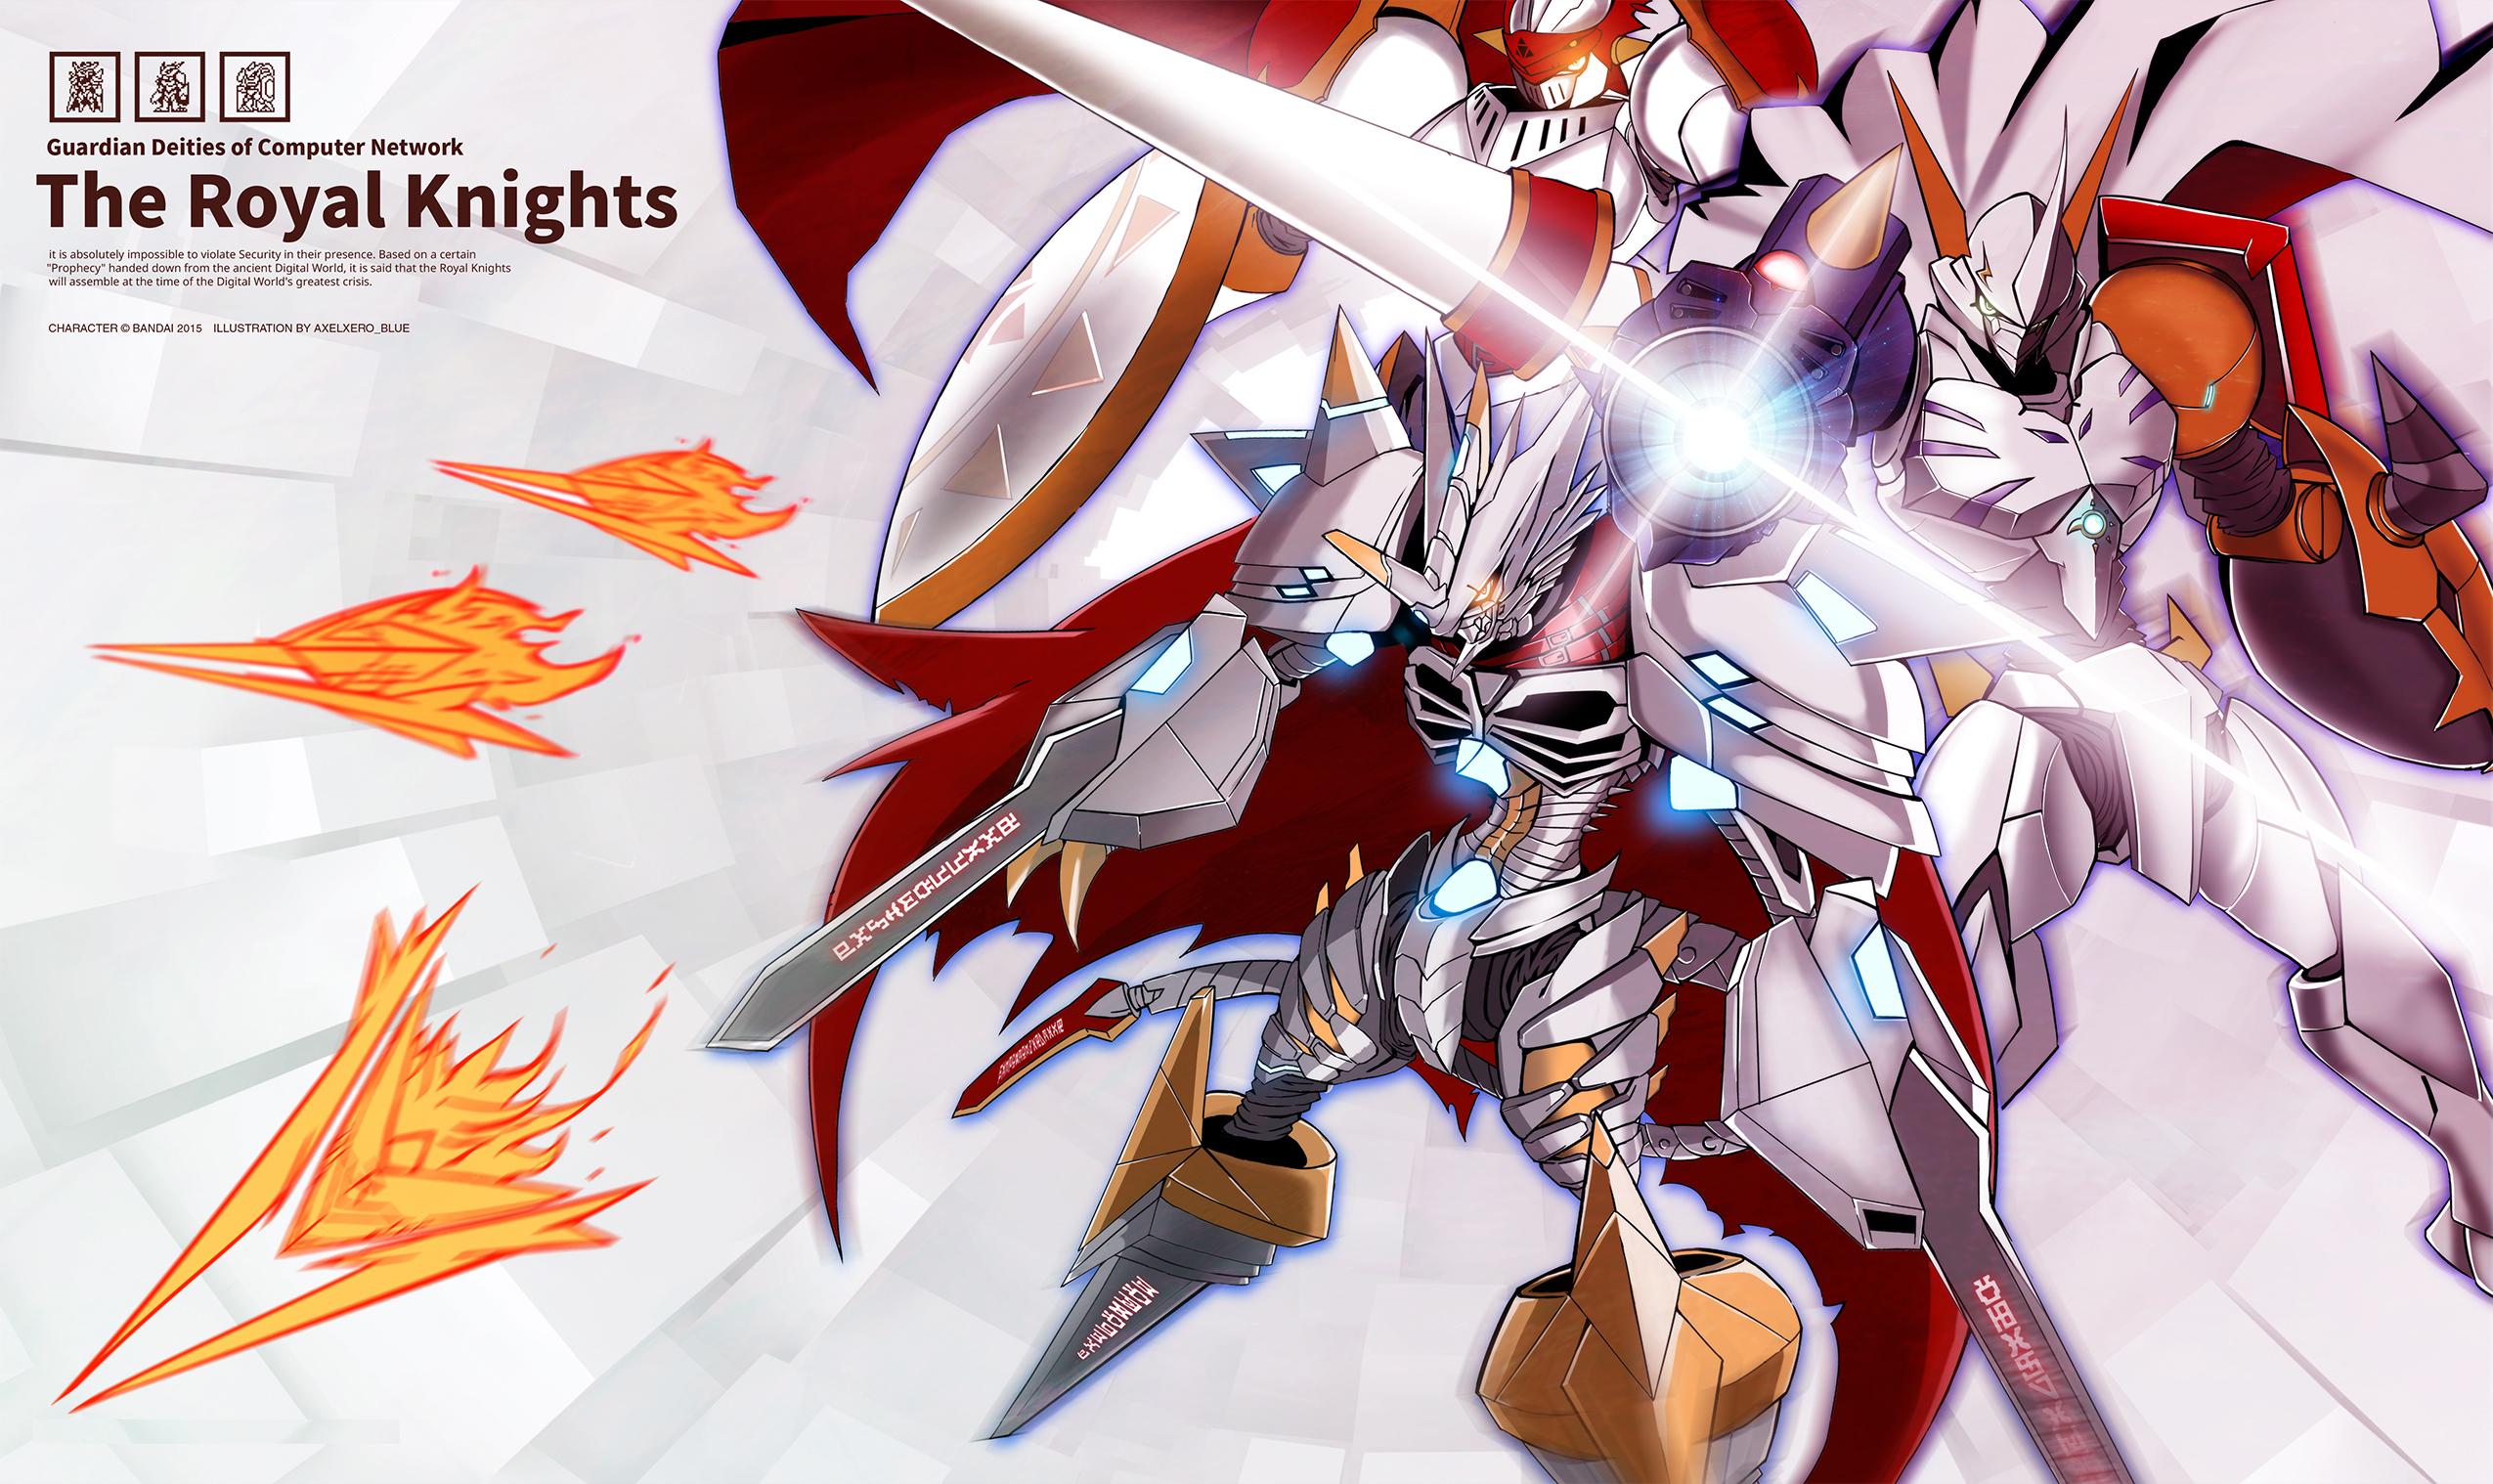 Royal Knight Digimon Omegamon Jesmon Dukemon By Axelxeroblue On Deviantart Gankoomon and jesmon ascended when the latter was still hackmon, and thus still training. royal knight digimon omegamon